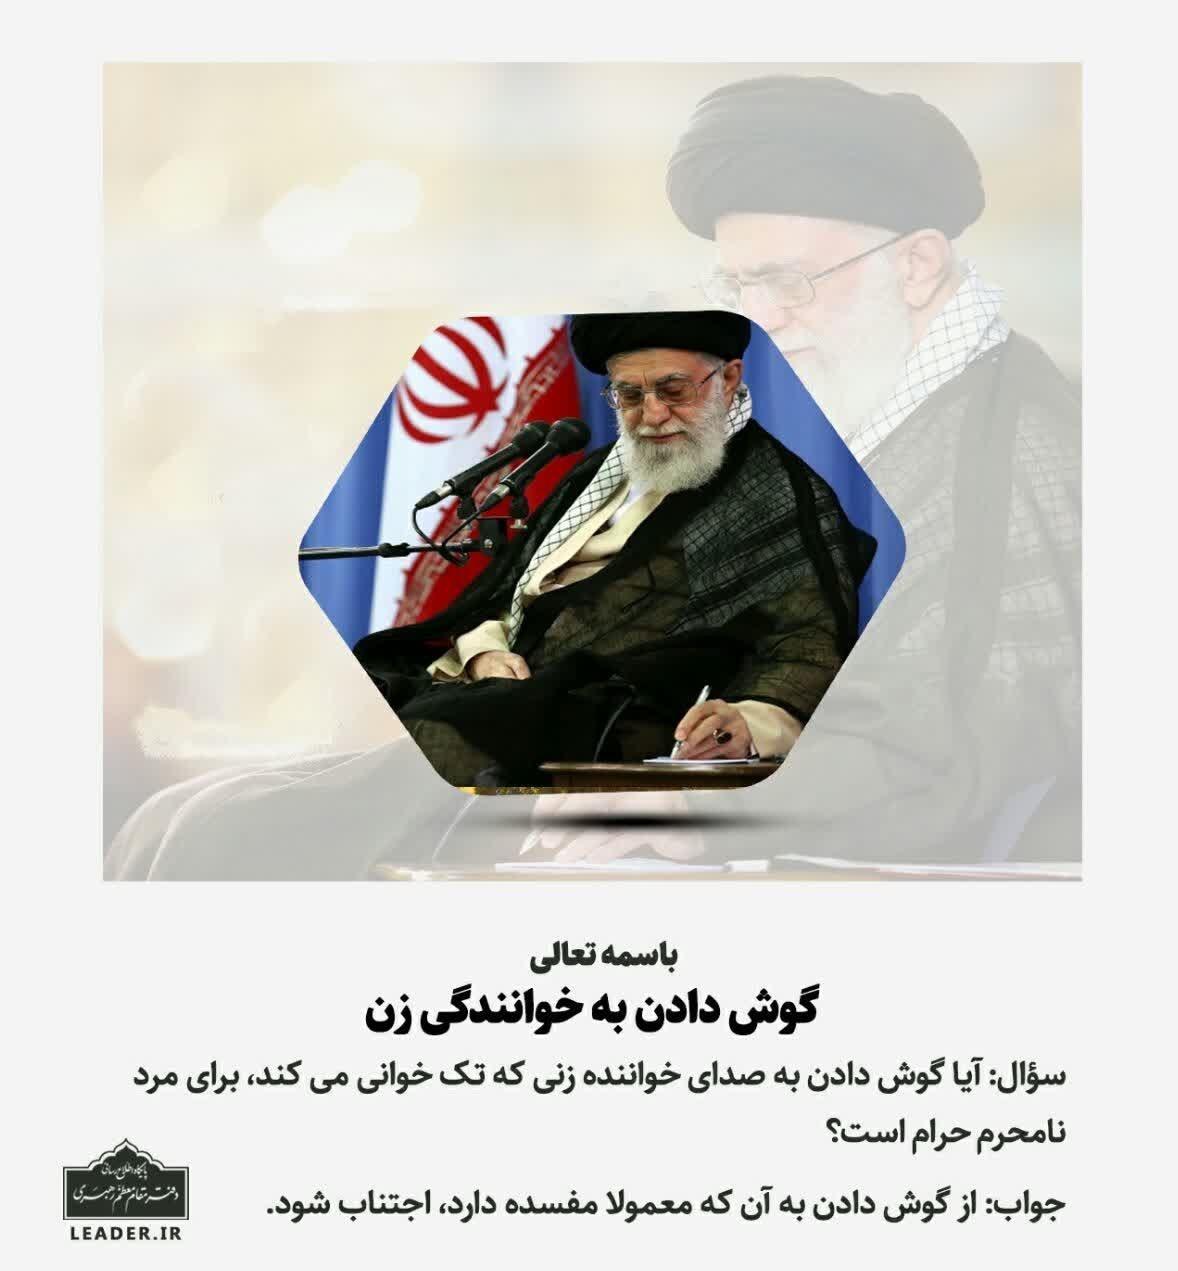 امام خامنهای , احکام دینی ,